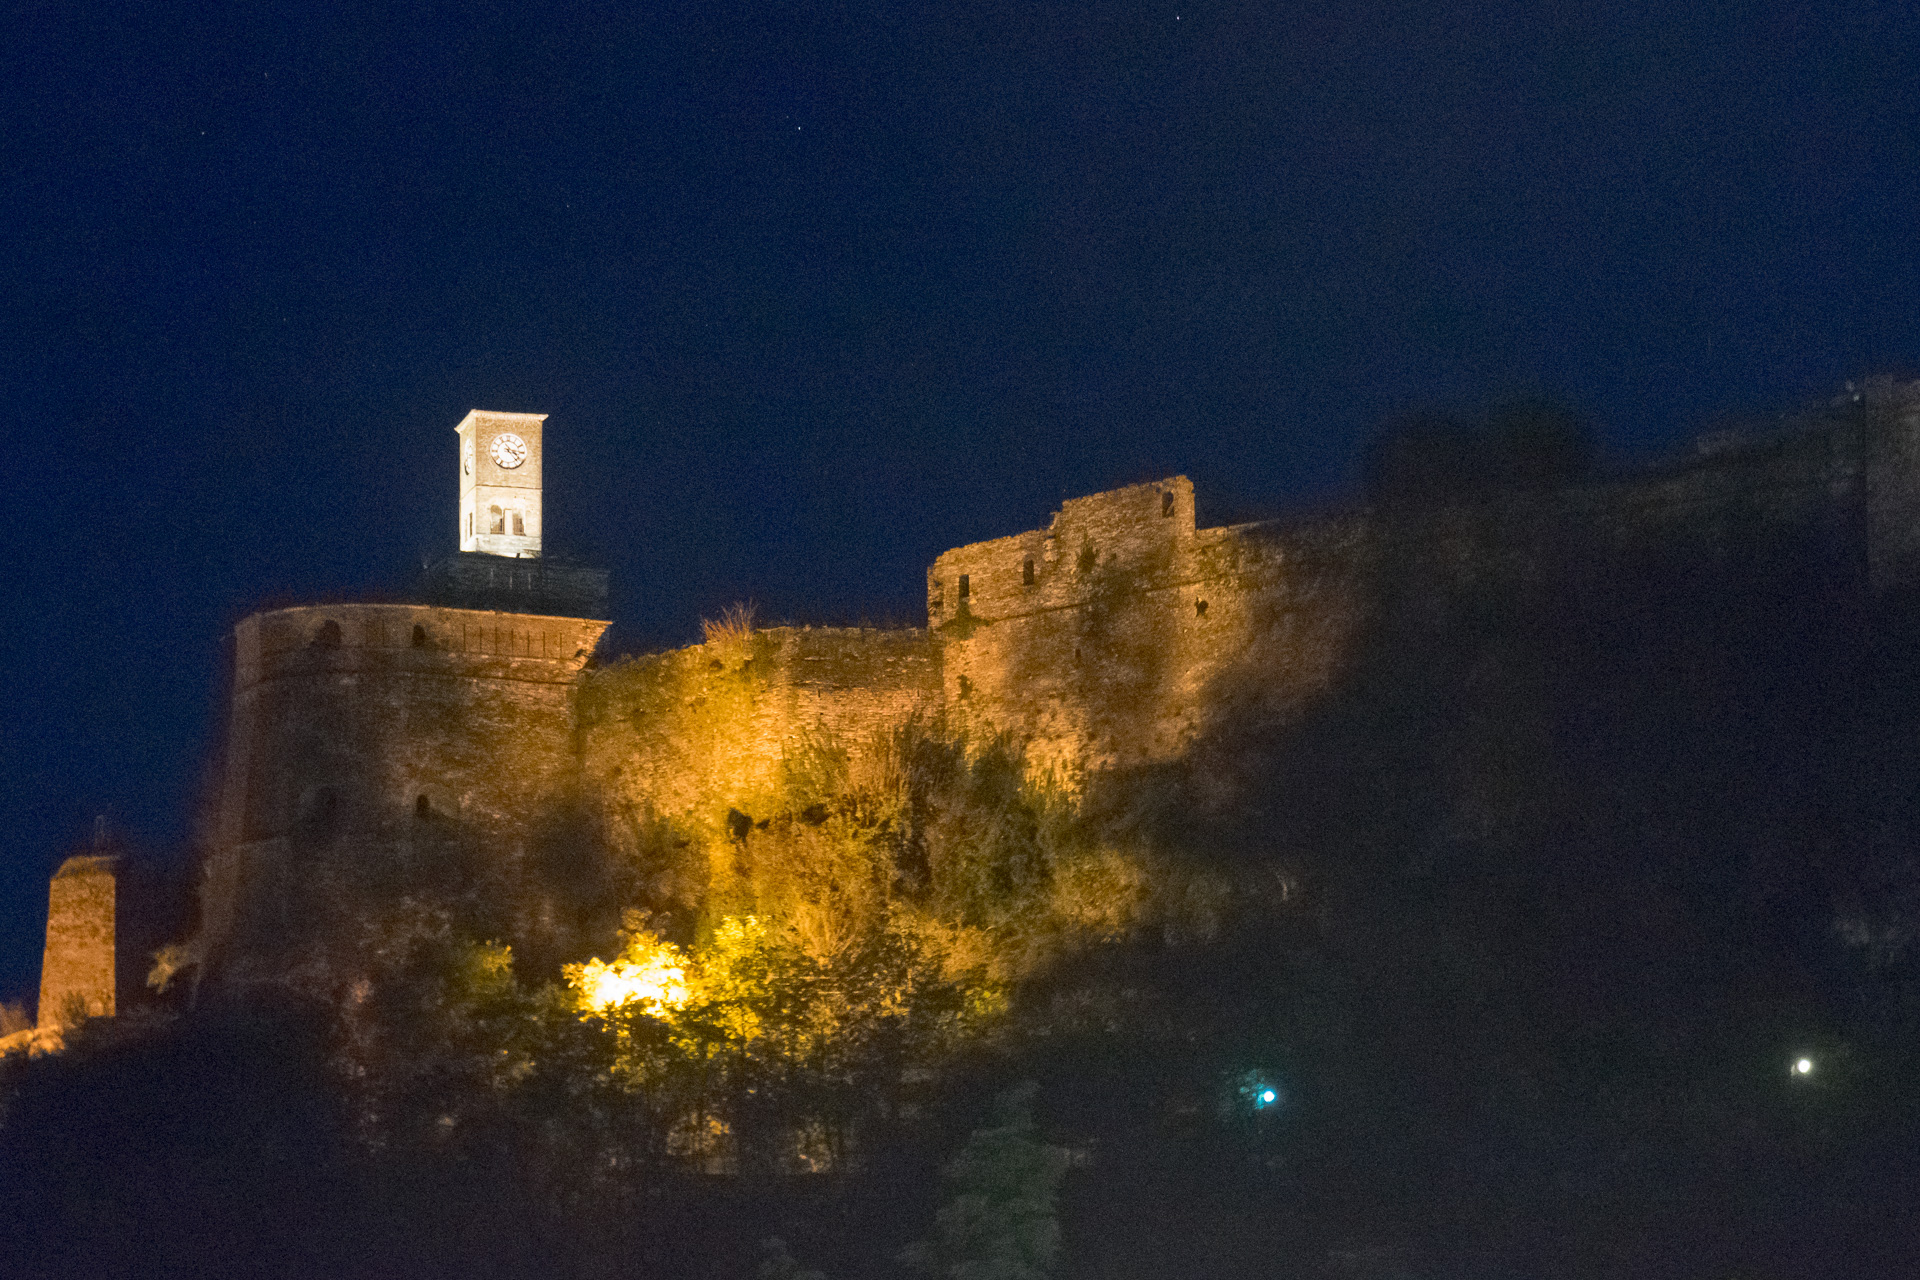 夜のジオカストラ城